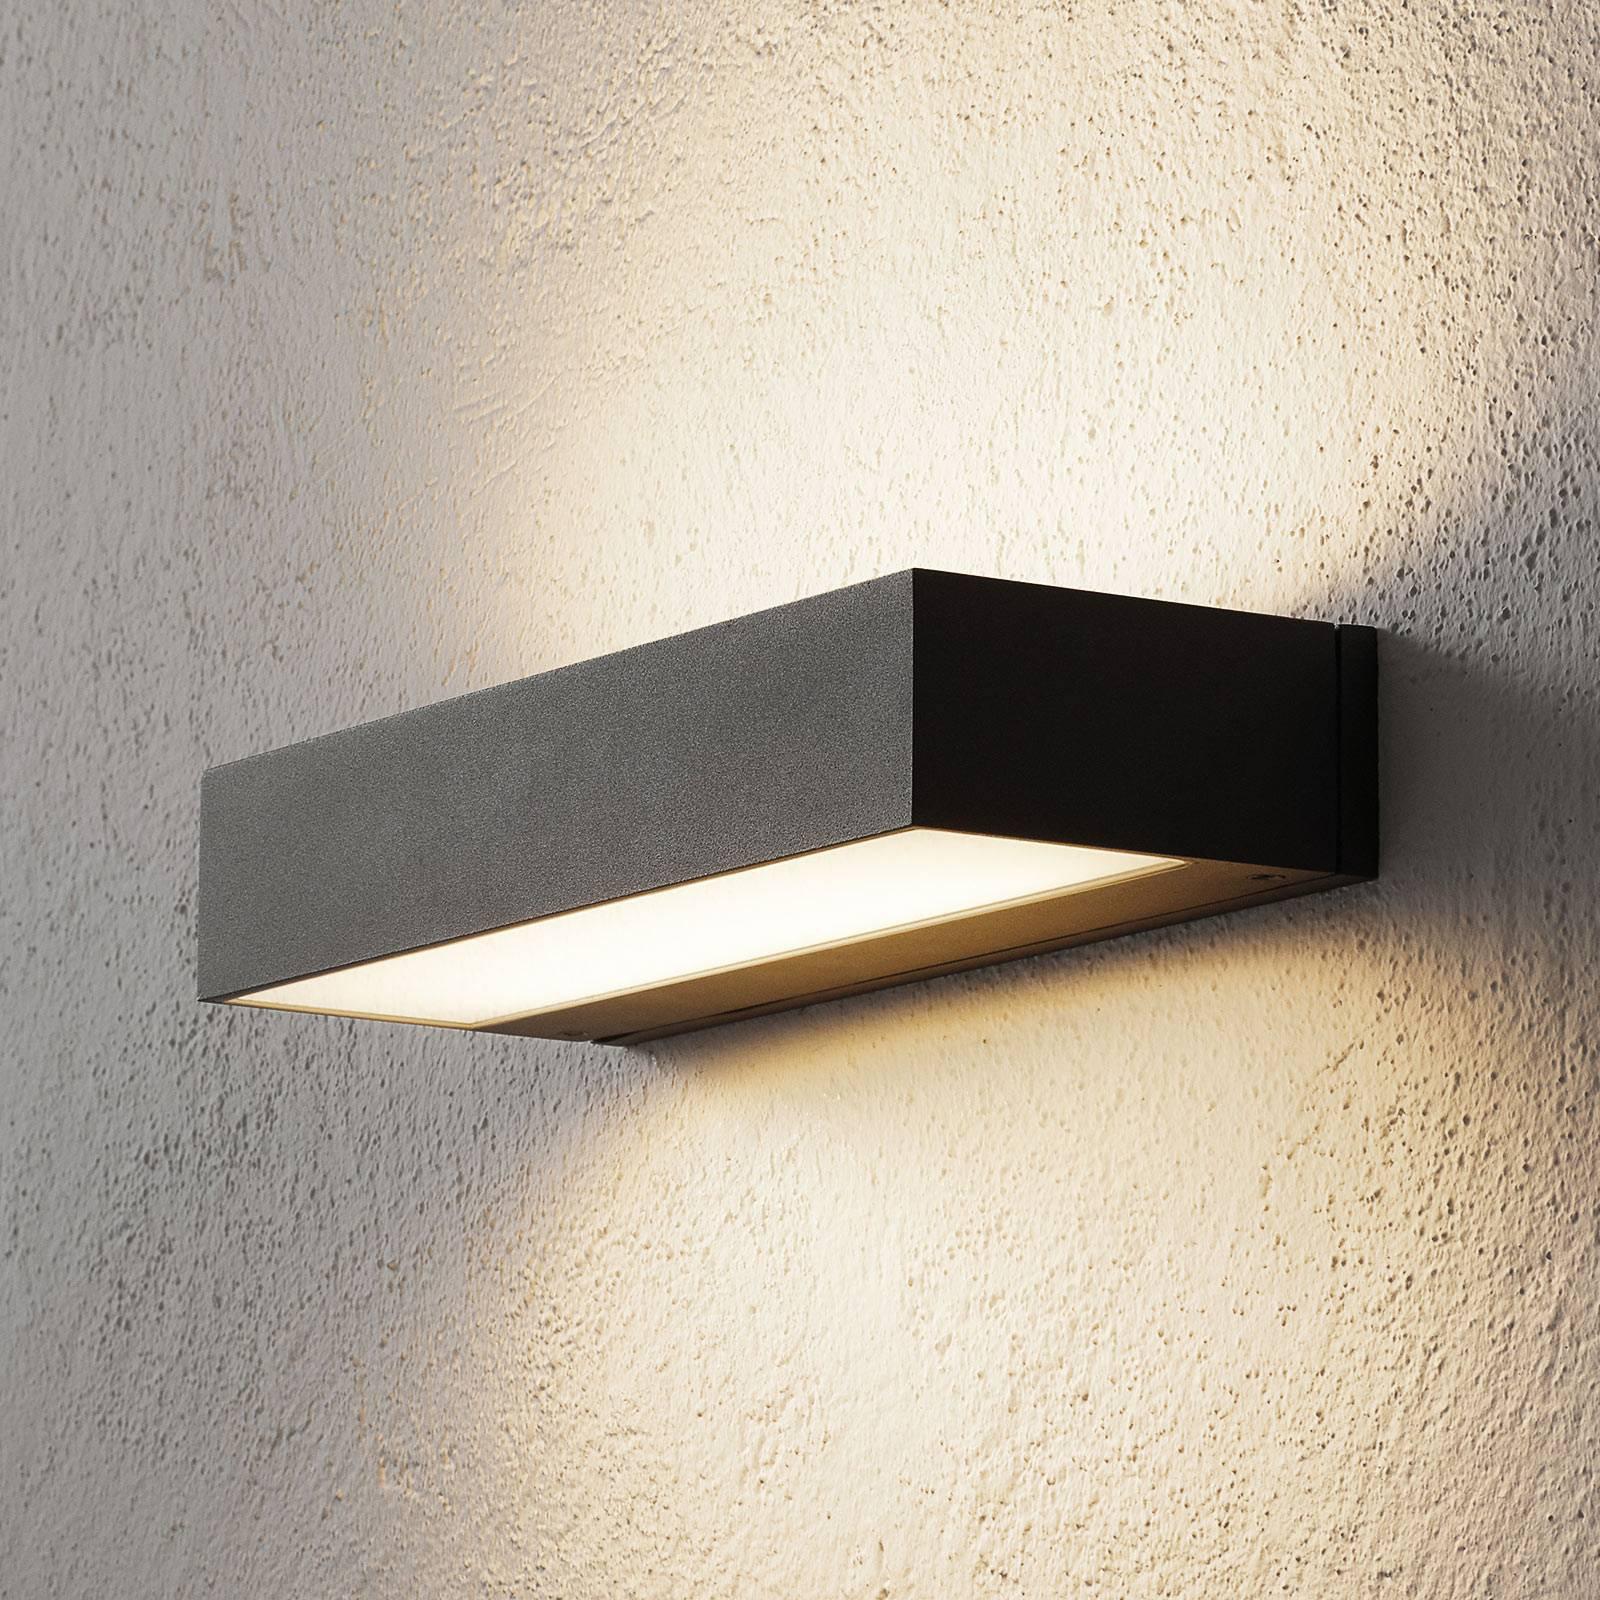 BEGA 33341 LED-vegglampe, 3000K 30 cm up/down sølv